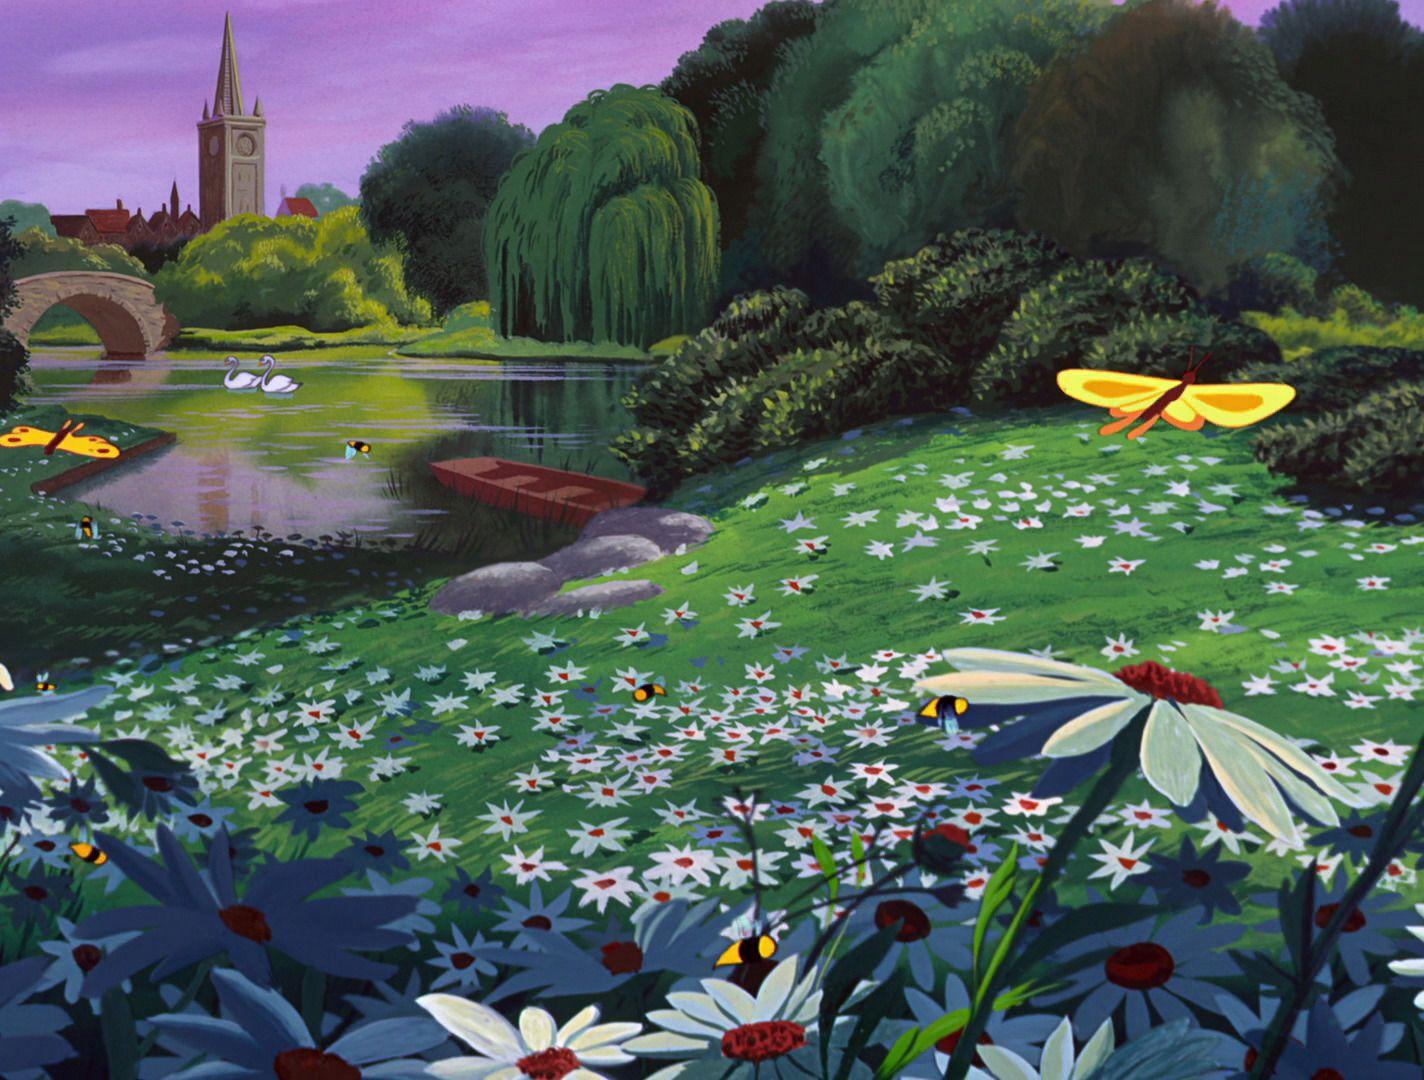 Alice in Wonderland (1951) Disney Alice